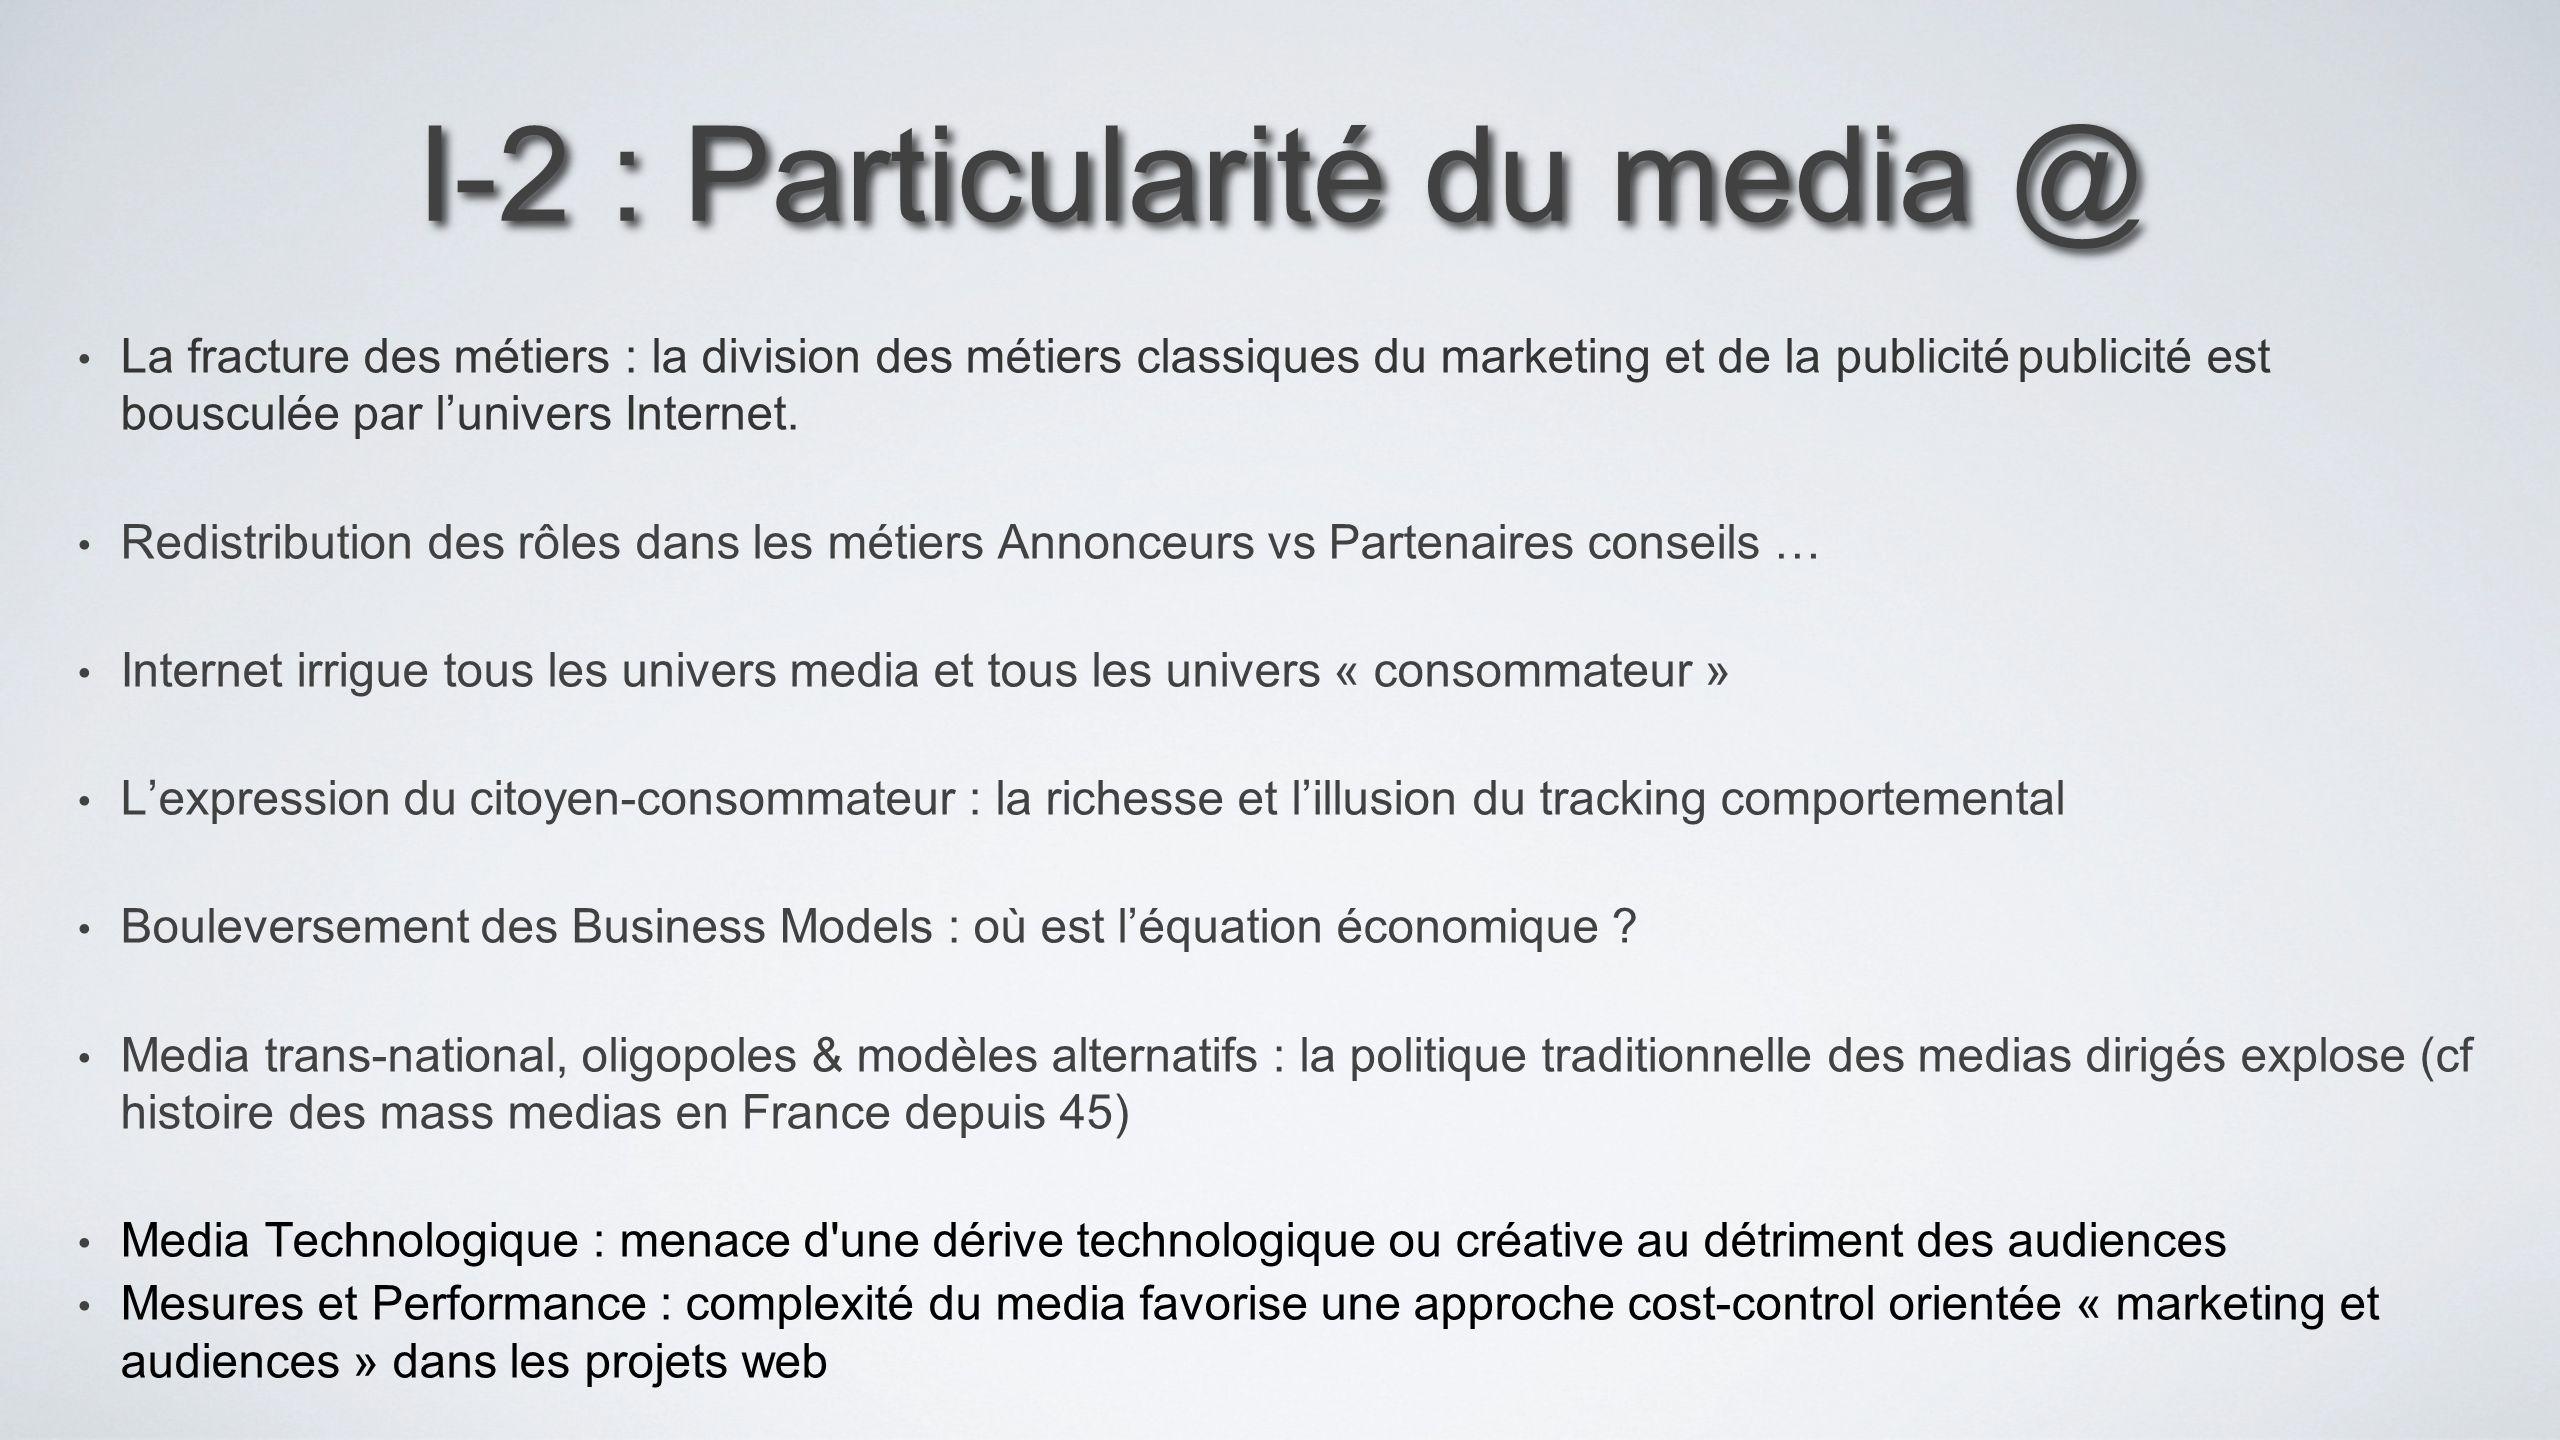 I-2 : Particularité du media @ La fracture des métiers : la division des métiers classiques du marketing et de la publicité publicité est bousculée pa